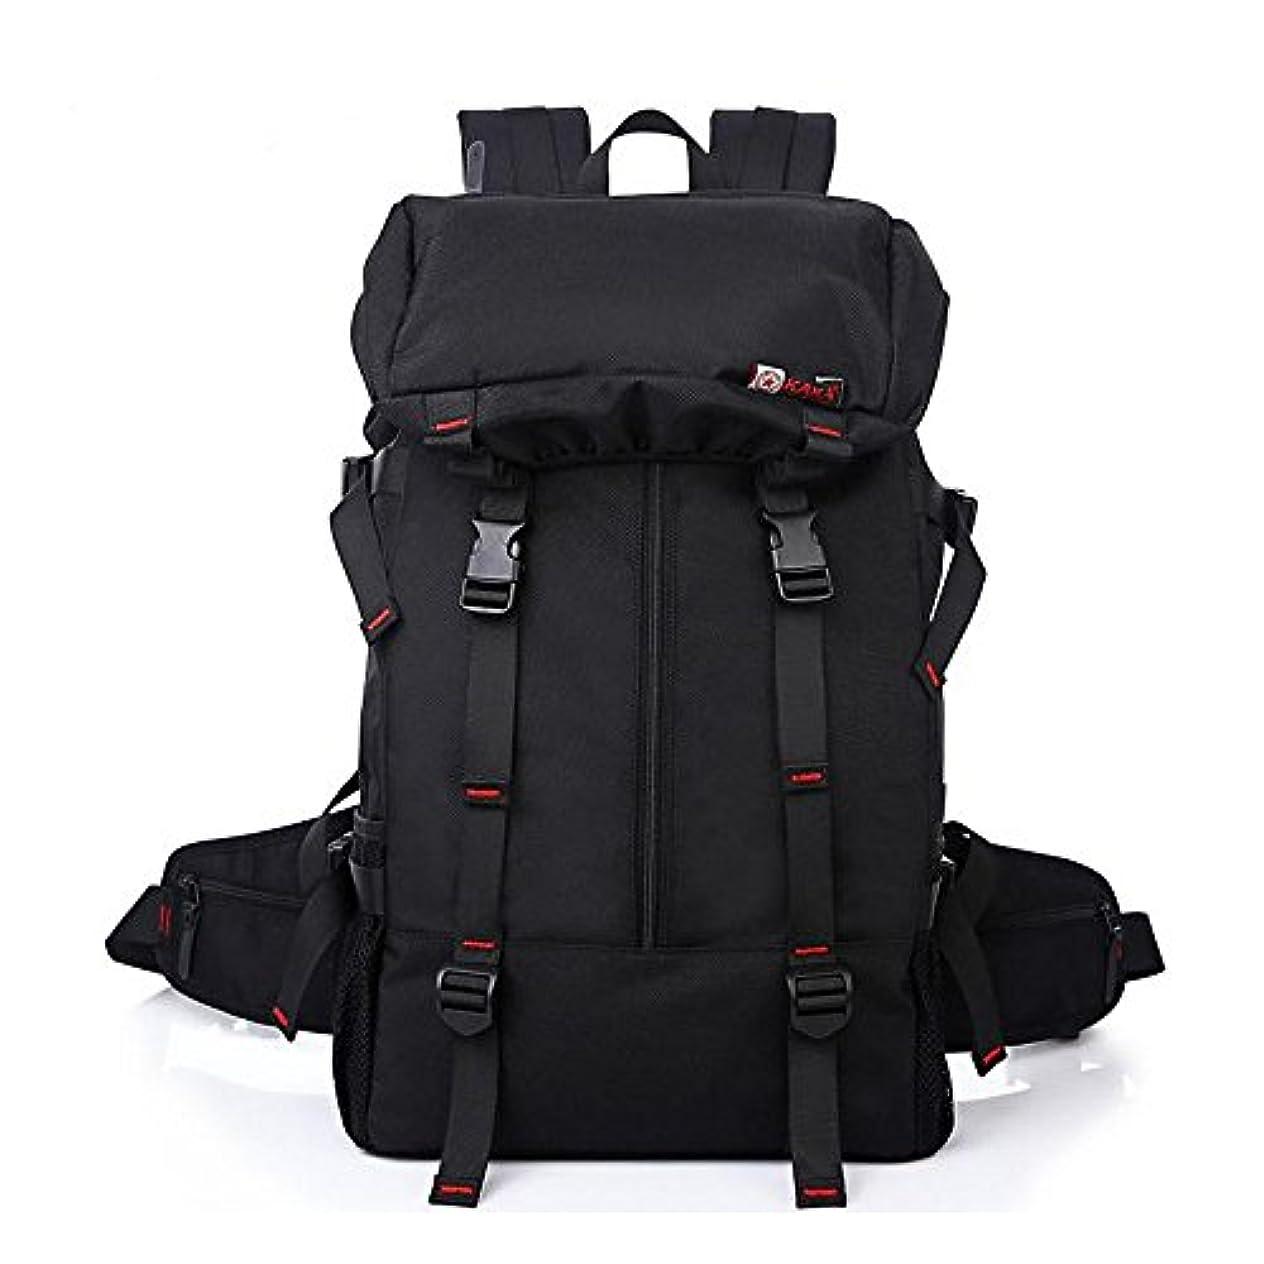 のスコアチャット香水アウトドア 多機能ハイキング オックスフォード ブラック 通気性 抜群 登山 旅行バッグ 2060ブラック